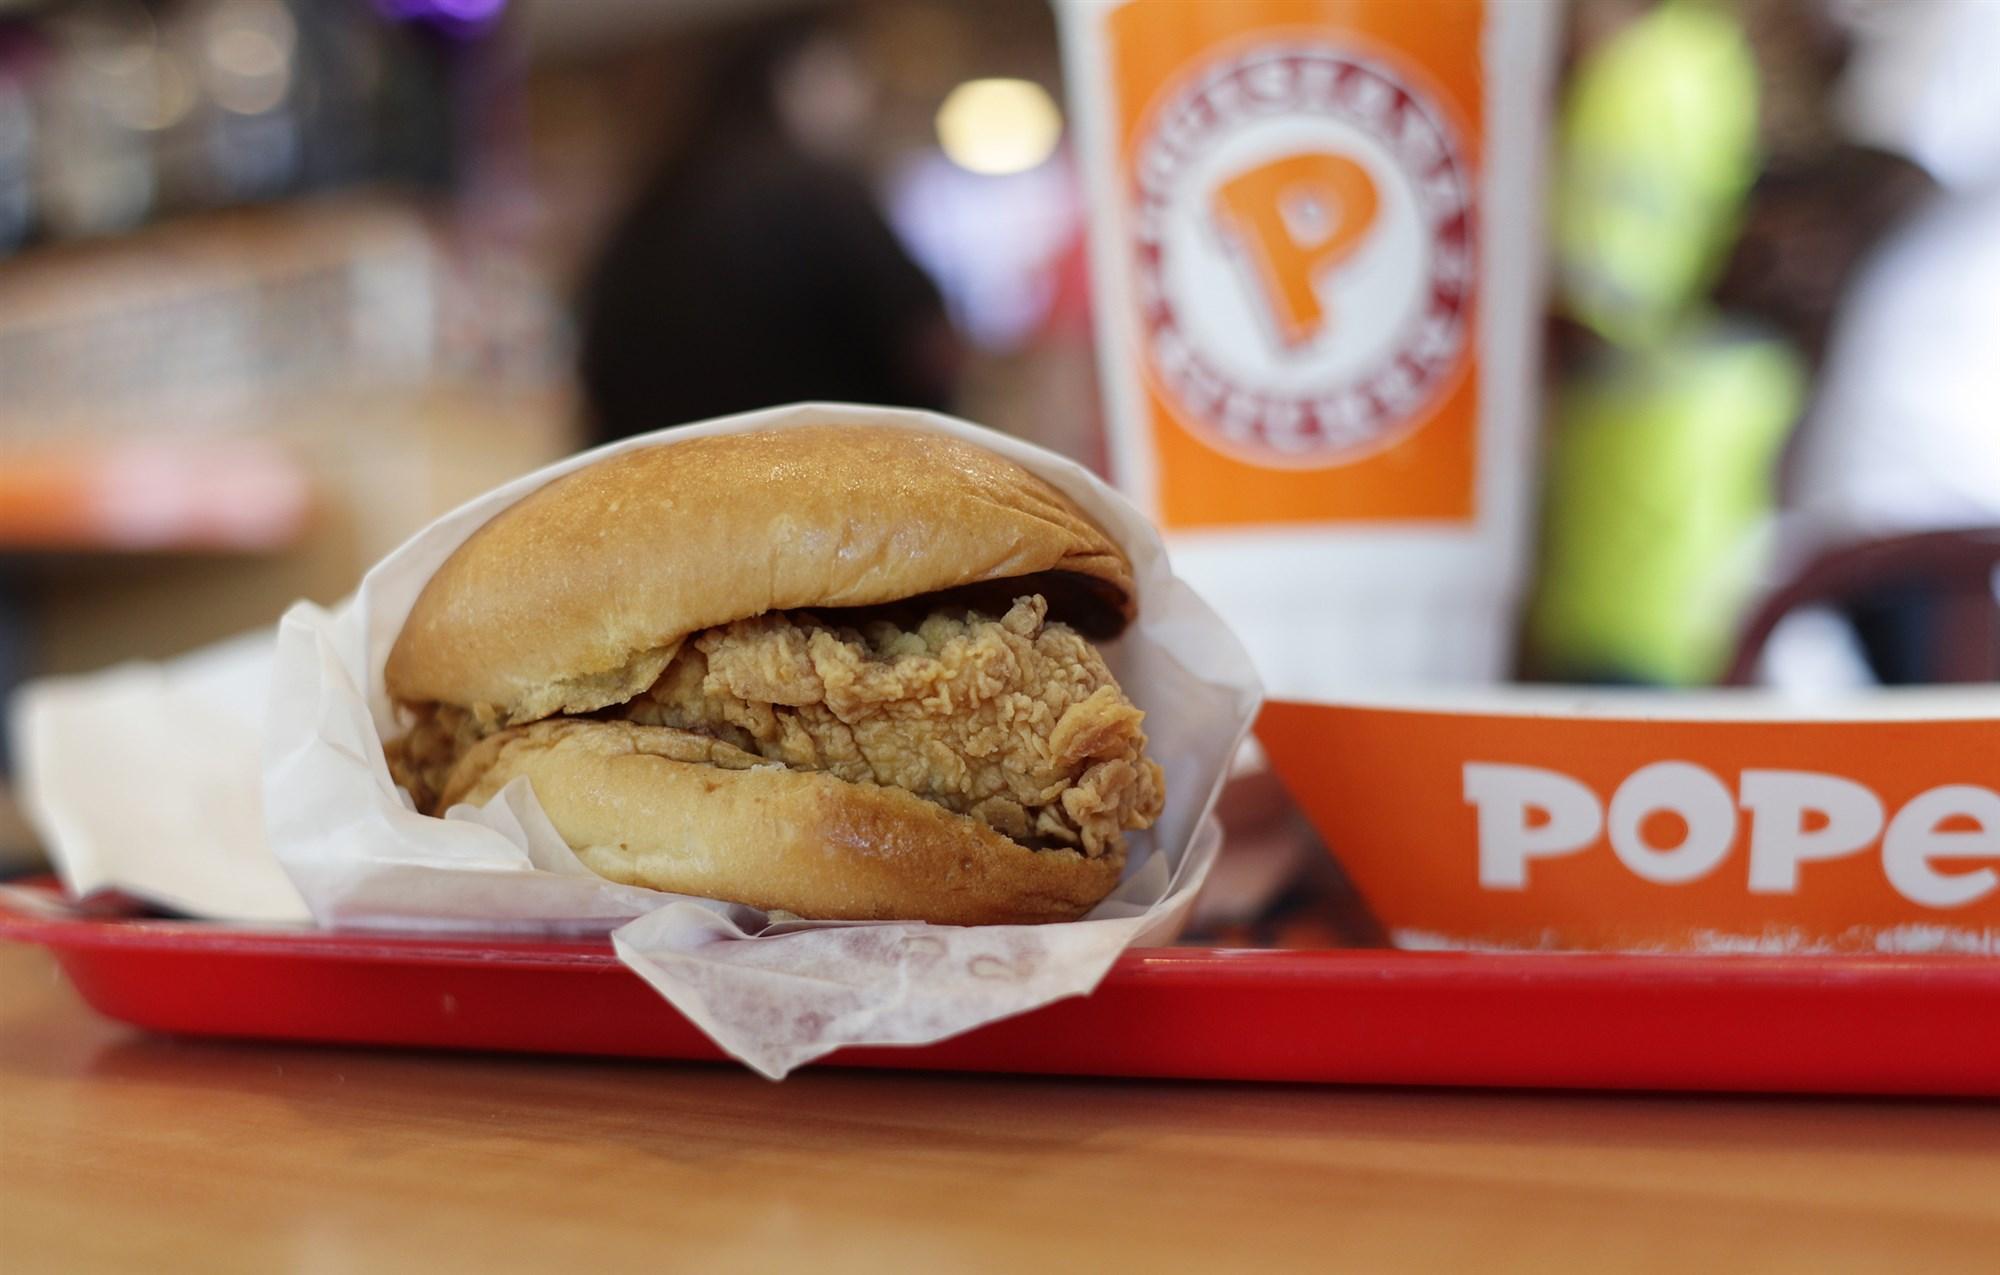 Бургер или жизнь? – в США посетитель фастфуда угрожал персоналу пистолетом